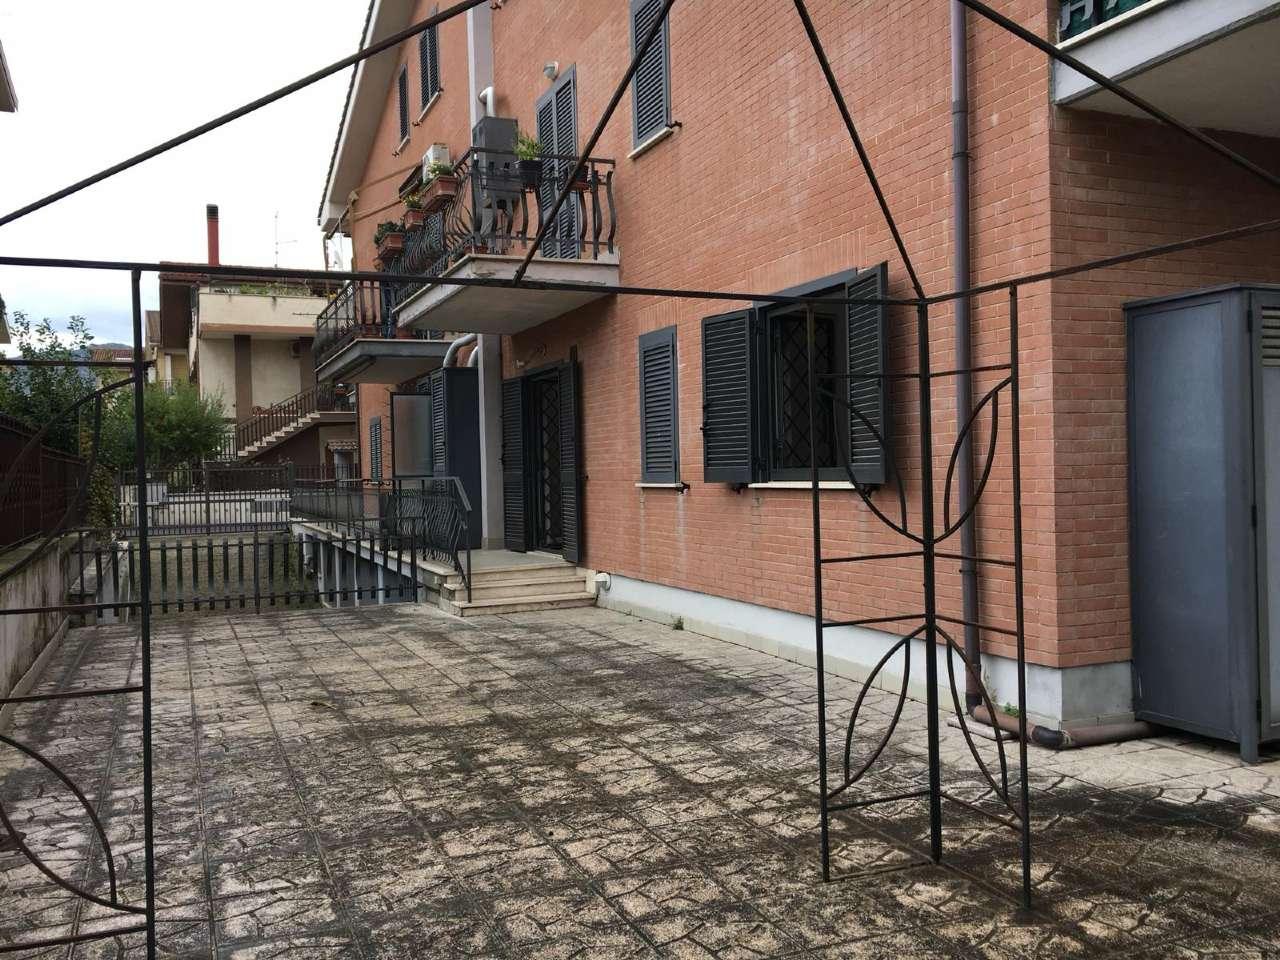 Appartamento in vendita a Guidonia Montecelio, 2 locali, prezzo € 79.000 | CambioCasa.it